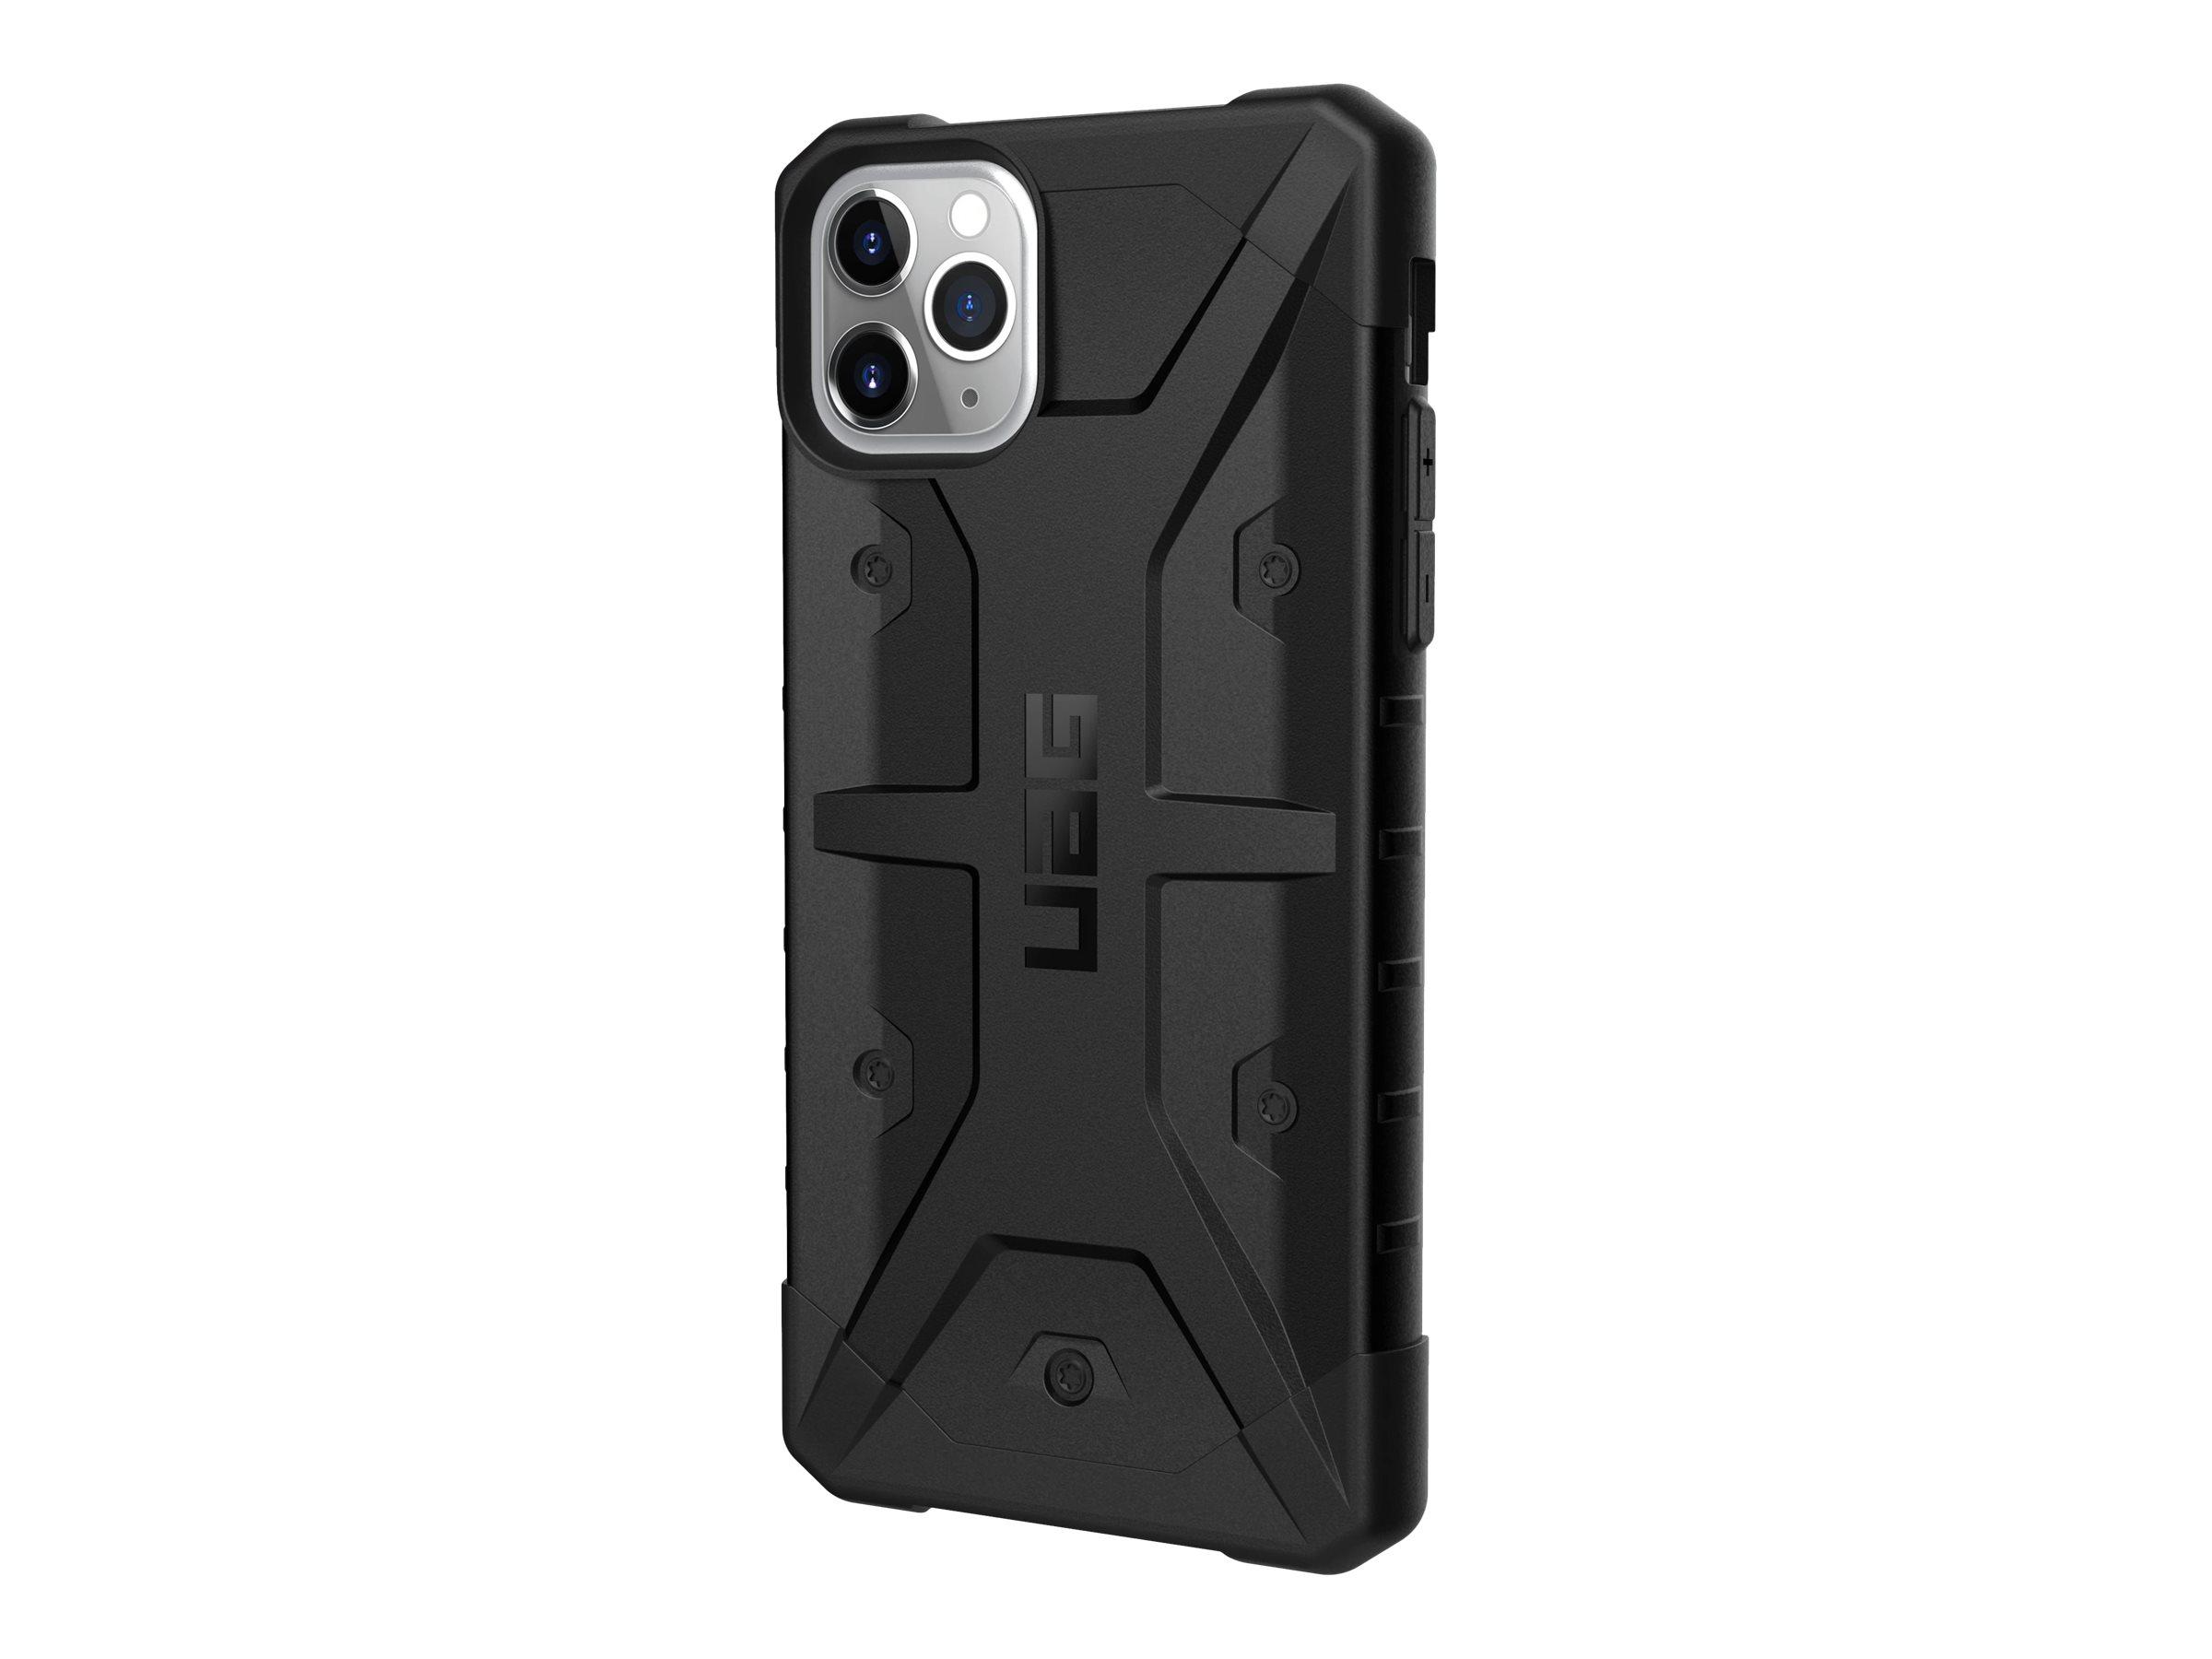 UAG Rugged Case for iPhone 11 Pro Max [6.5-inch screen] - Pathfinder Black - Hintere Abdeckung für Mobiltelefon - widerstandsfähig - composite - Schwarz